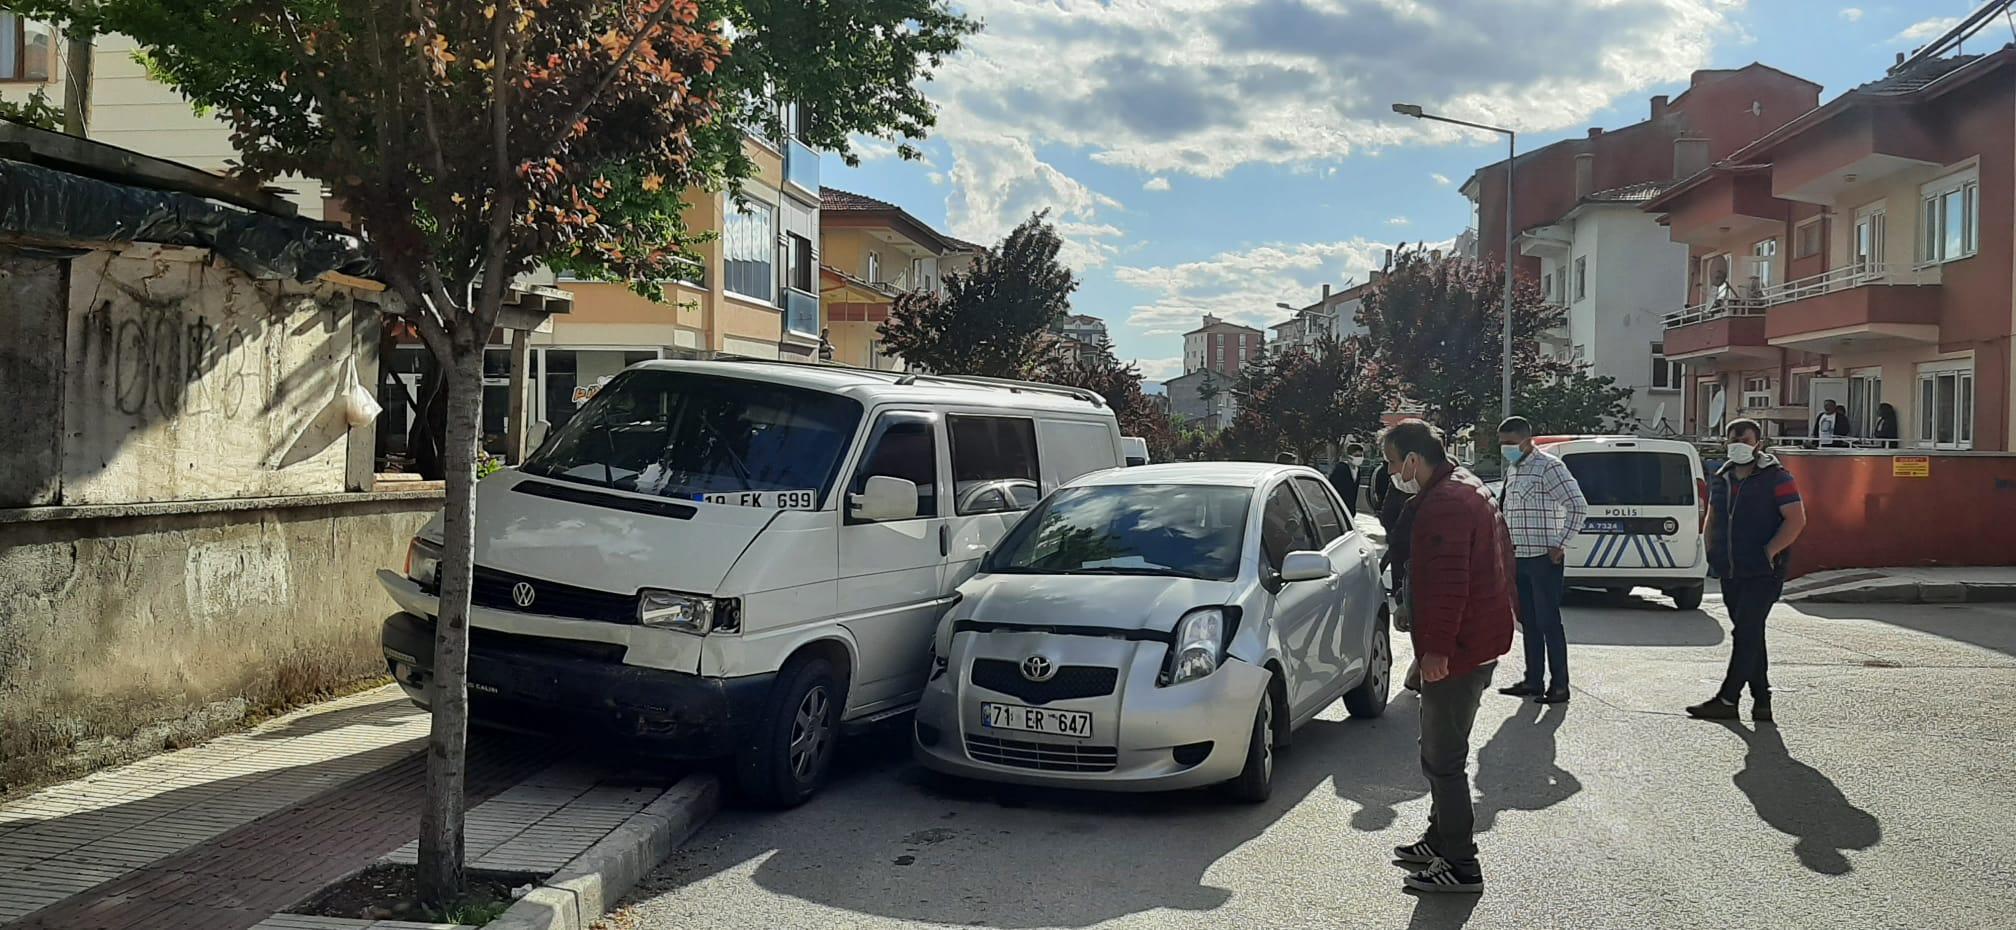 Otomobil İle Minibüs Çarpıştı